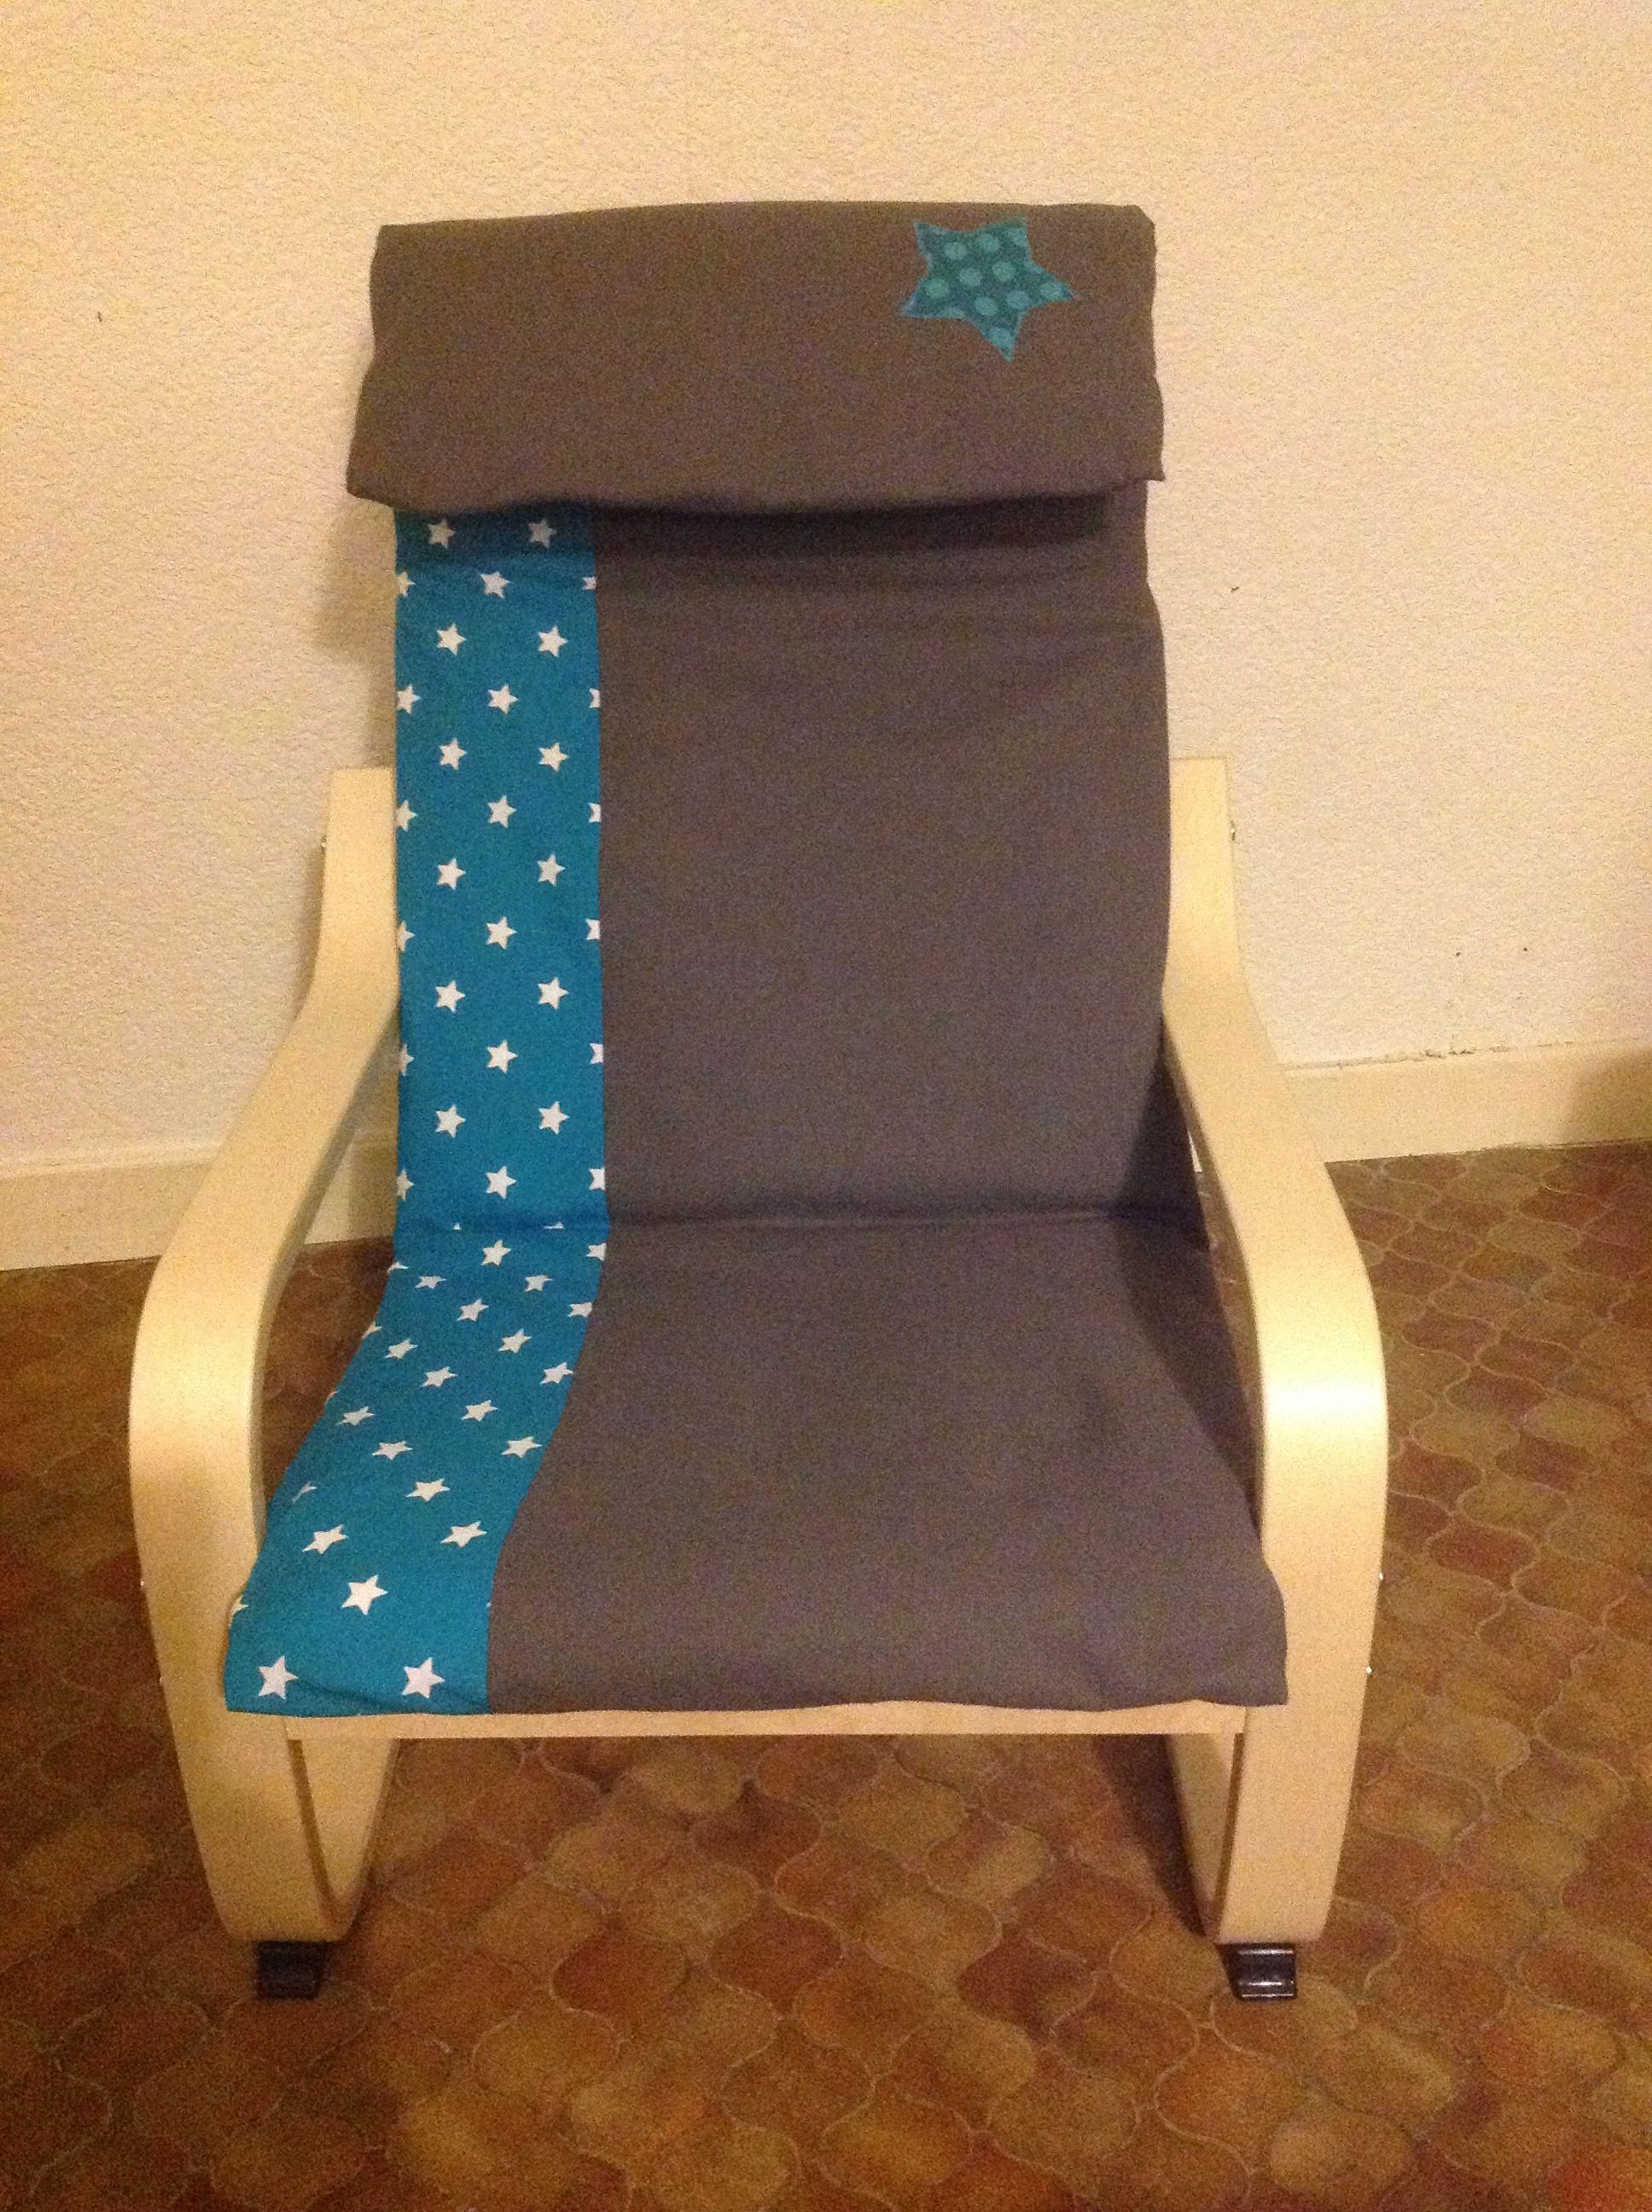 housse de chaise poang couture pinterest craft art. Black Bedroom Furniture Sets. Home Design Ideas